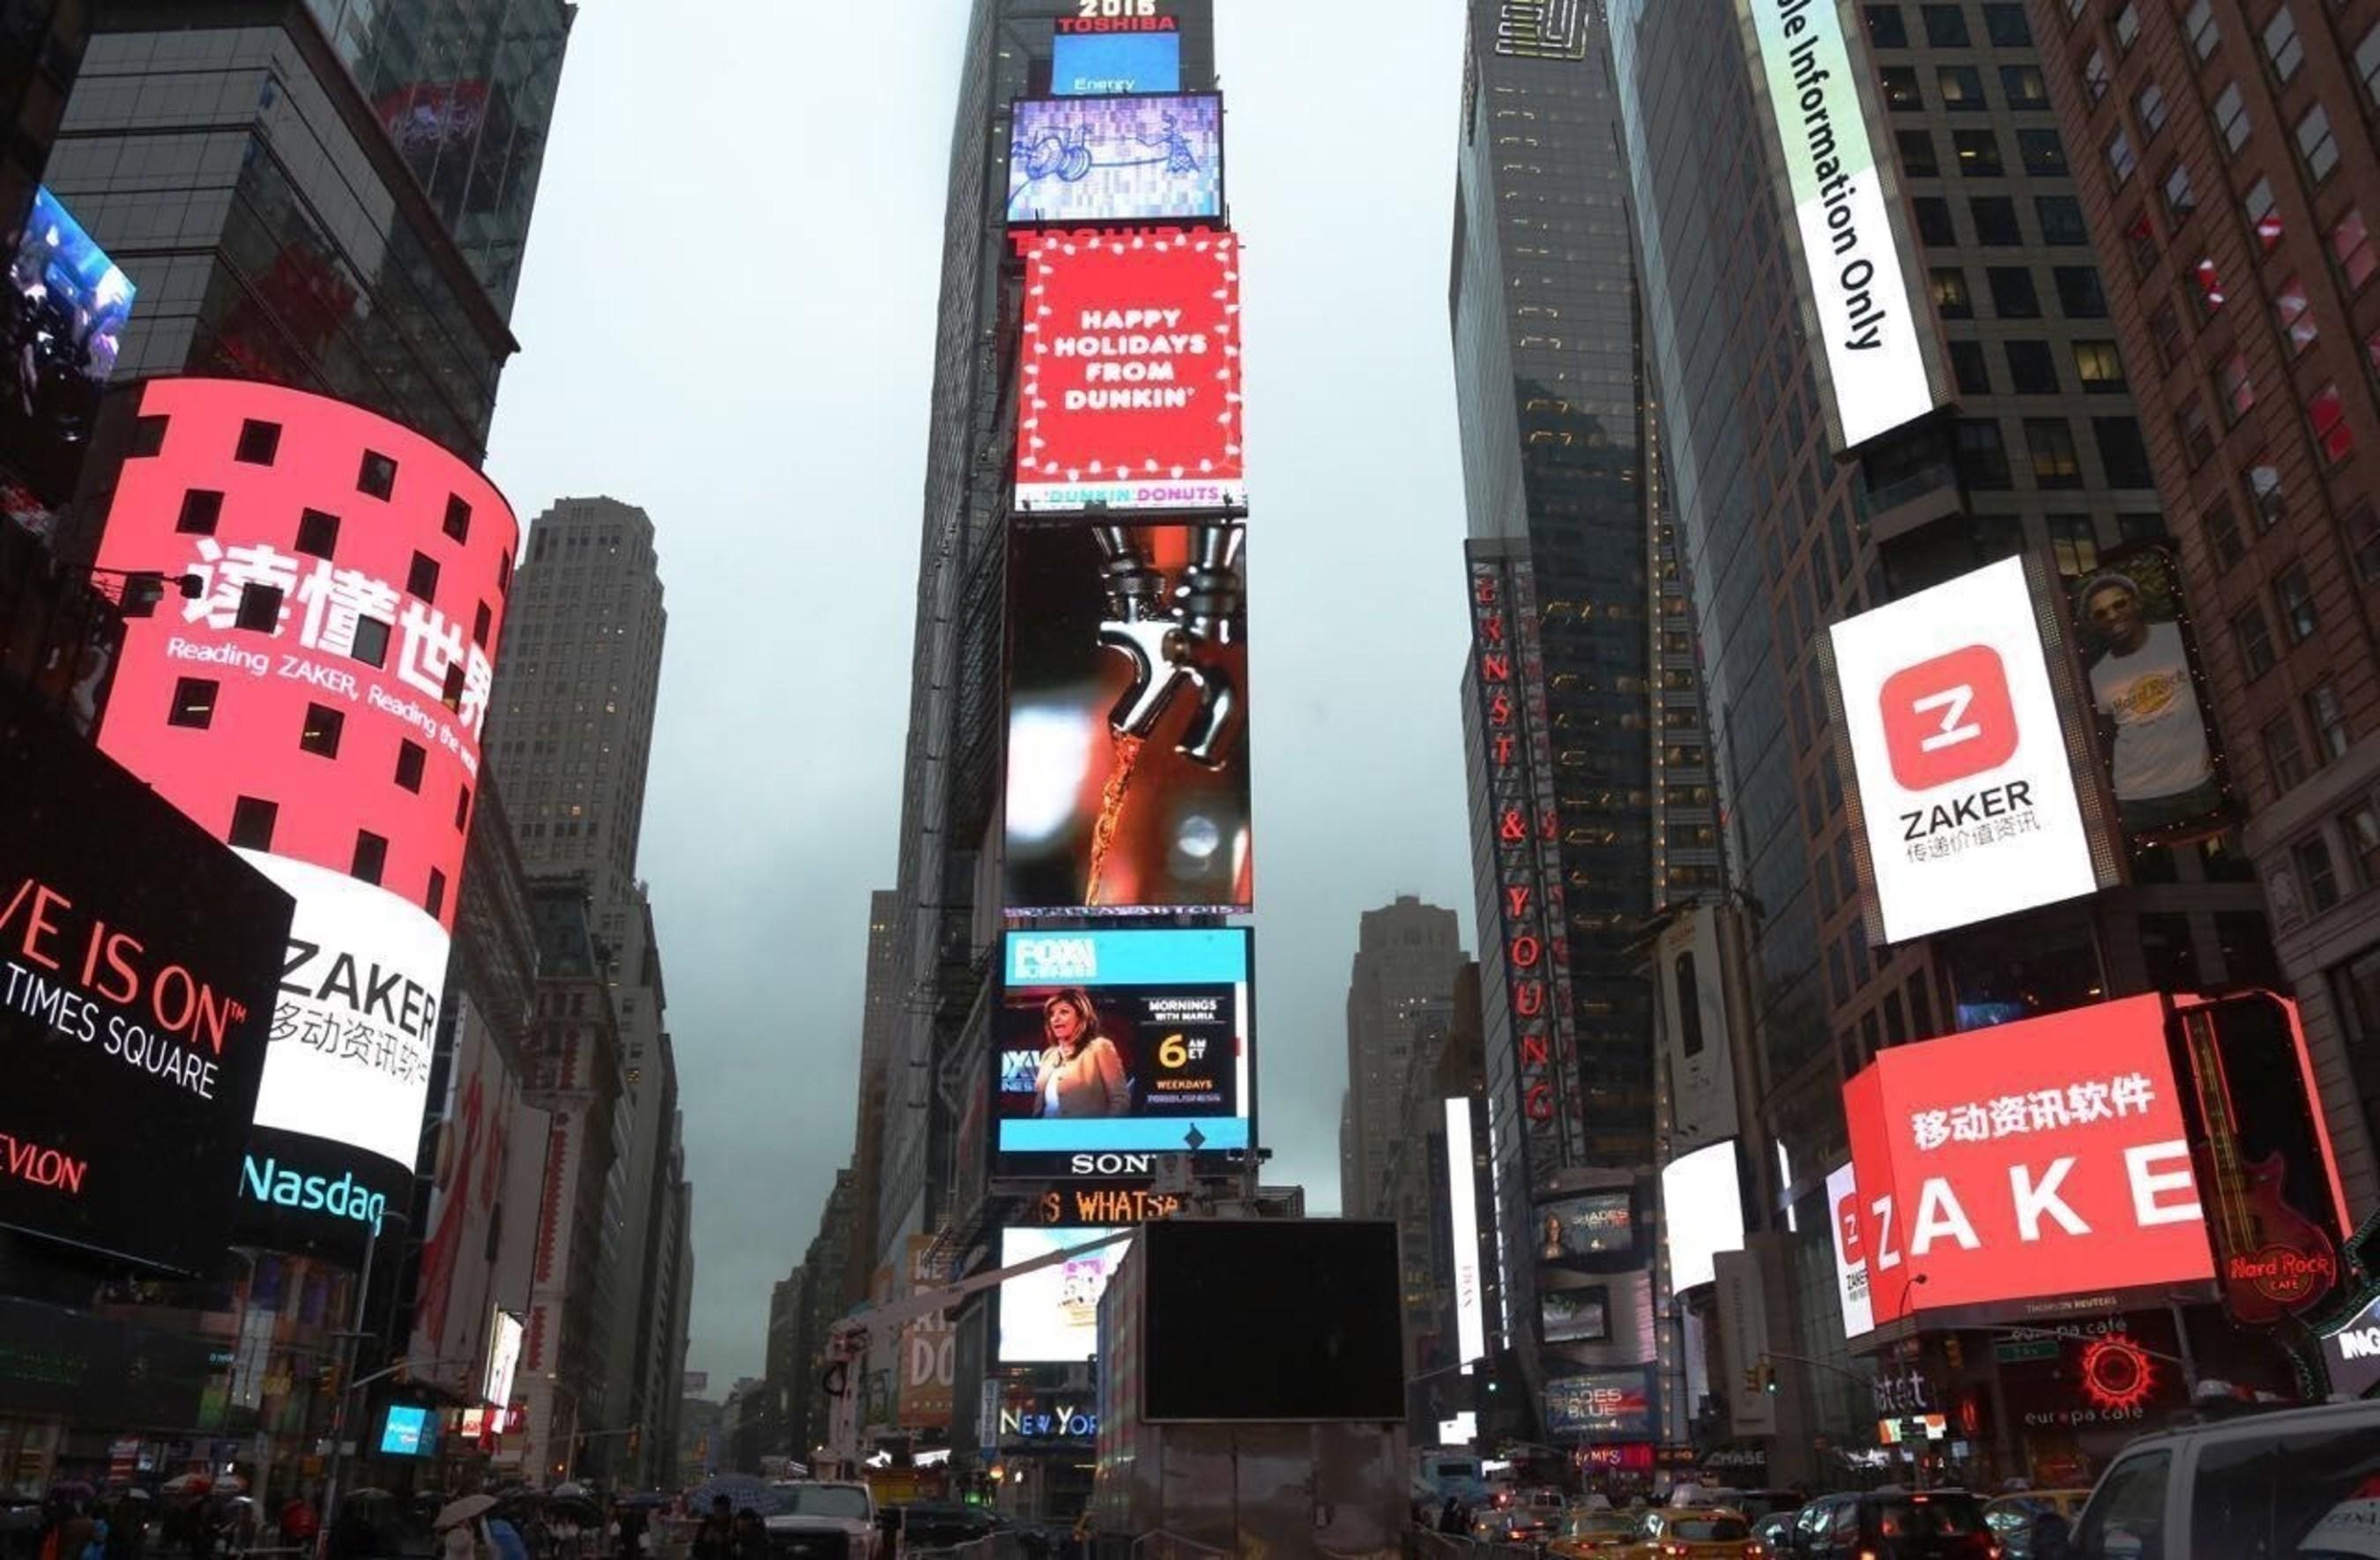 Massive ZAKER Ad Debuts in Times Square